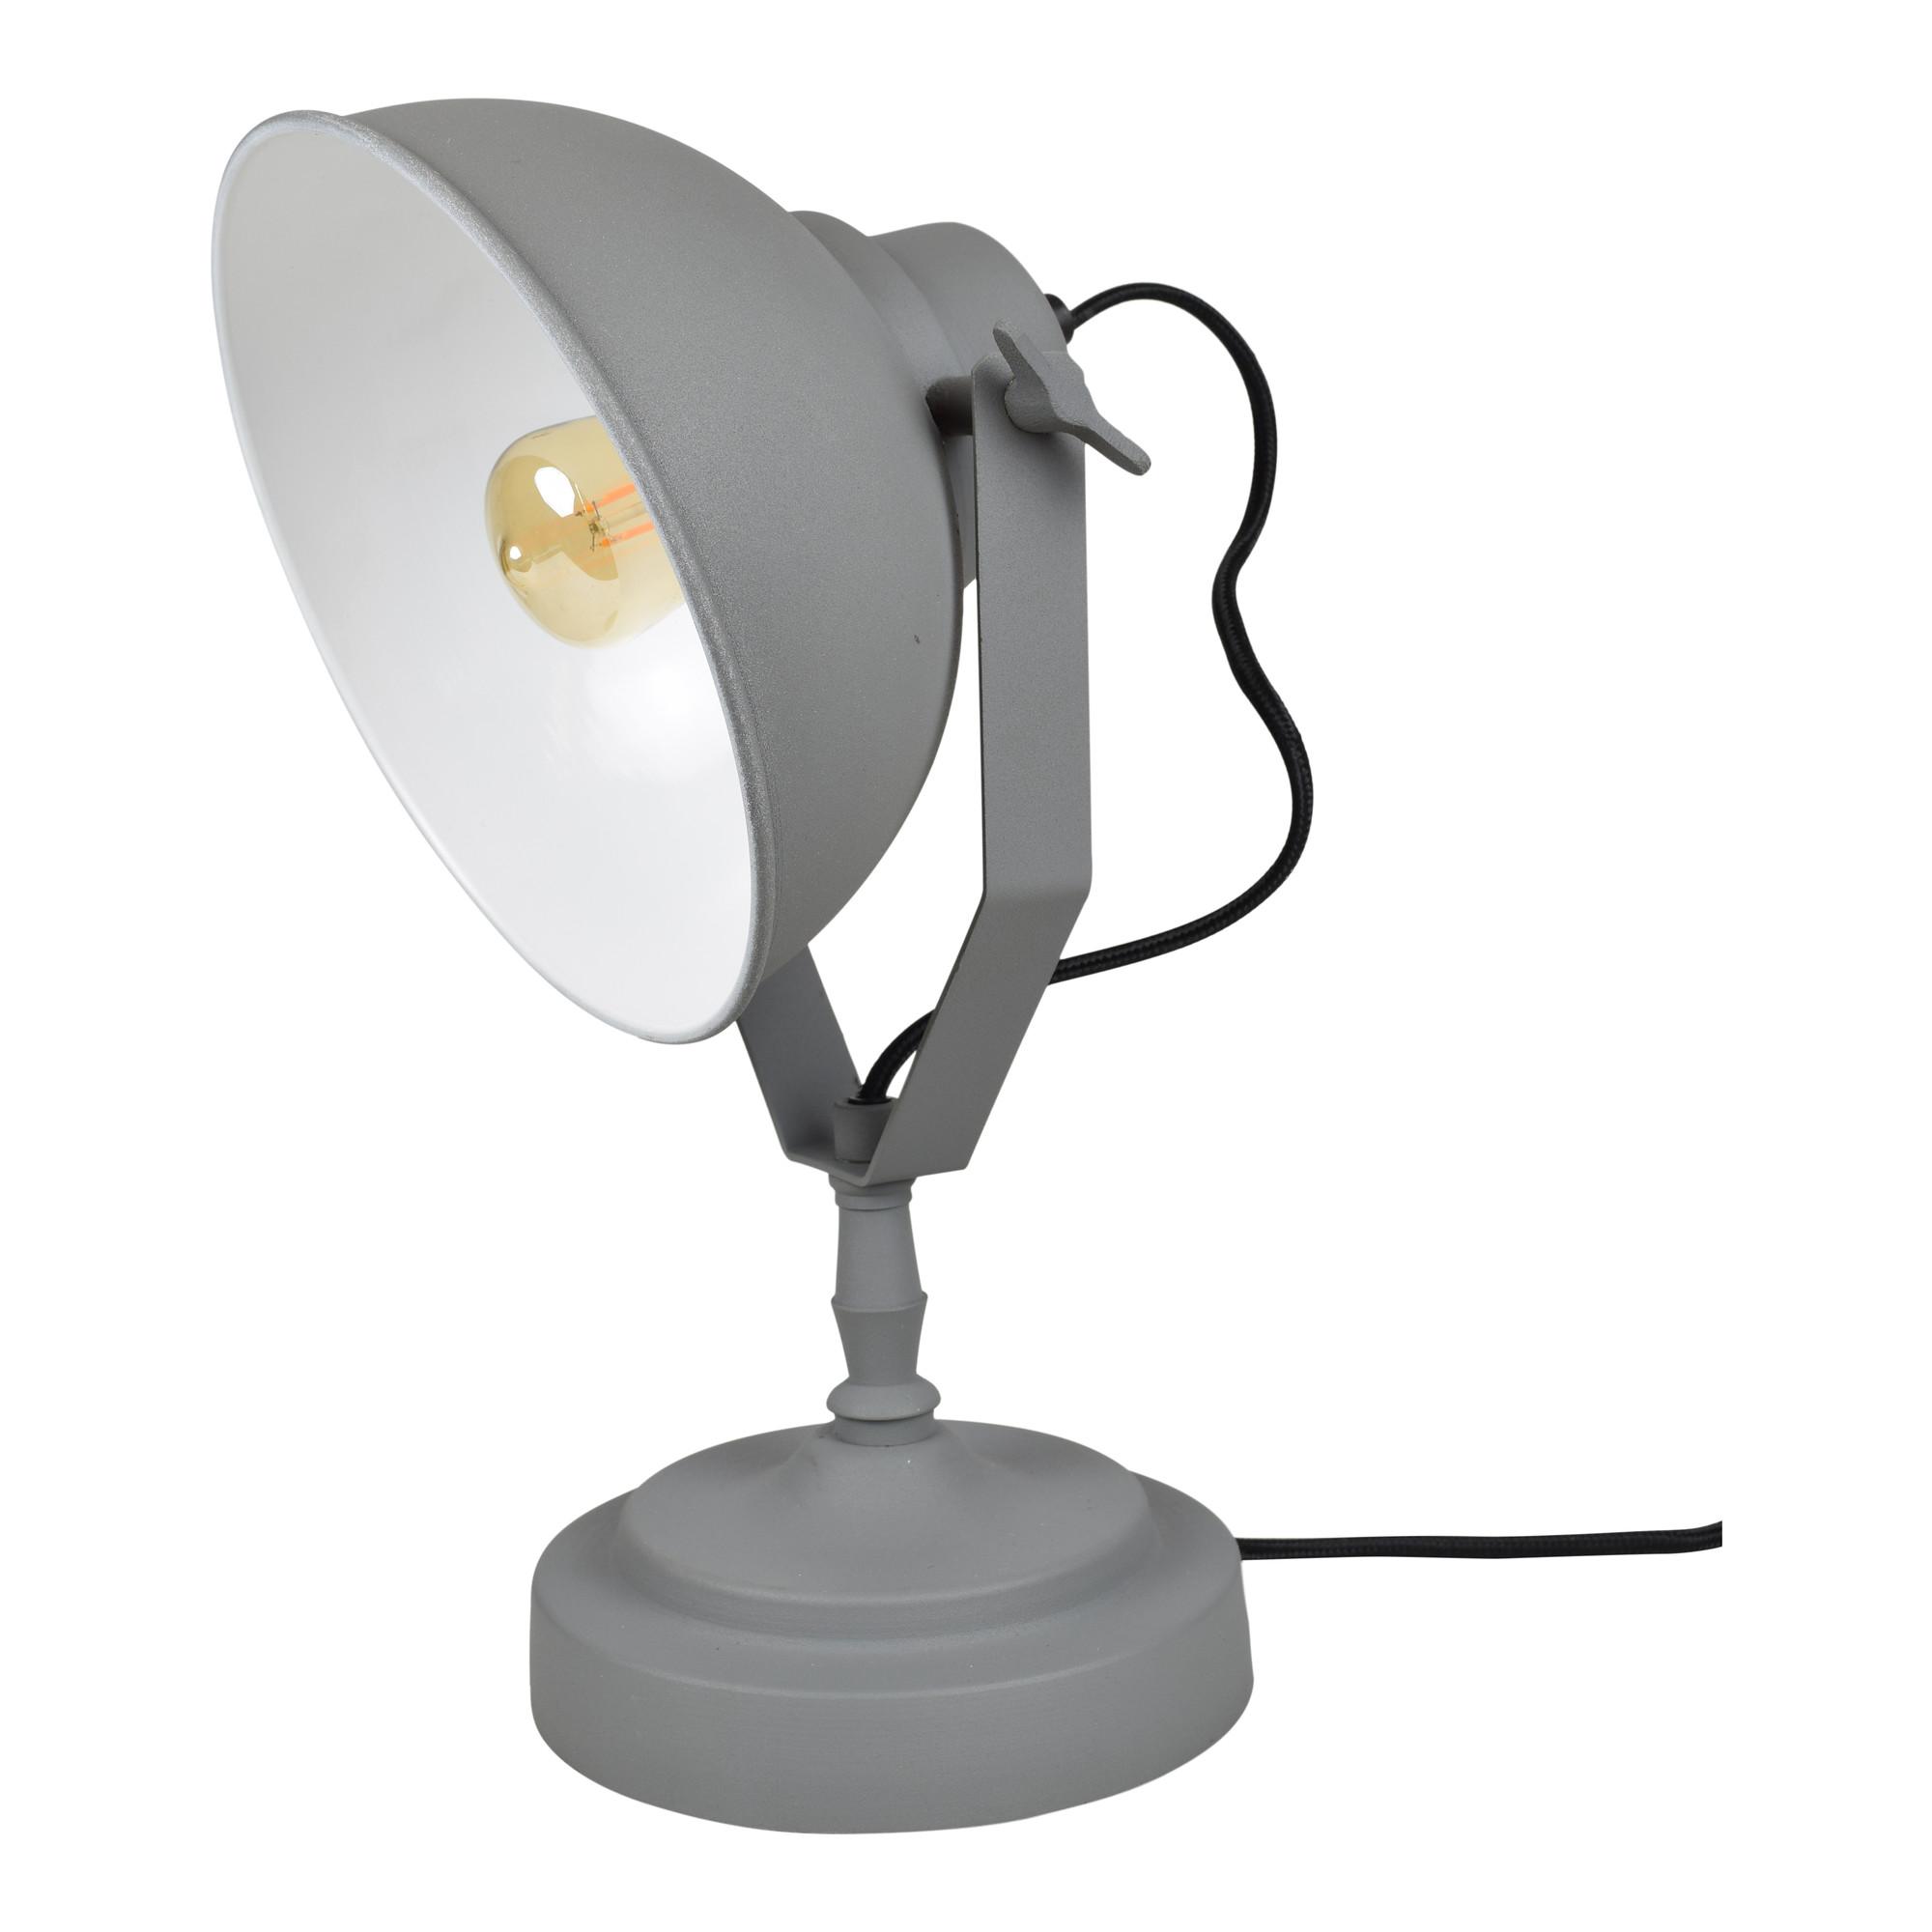 Urban Interiors Tafellamp 'Urban' kleur grijs korting